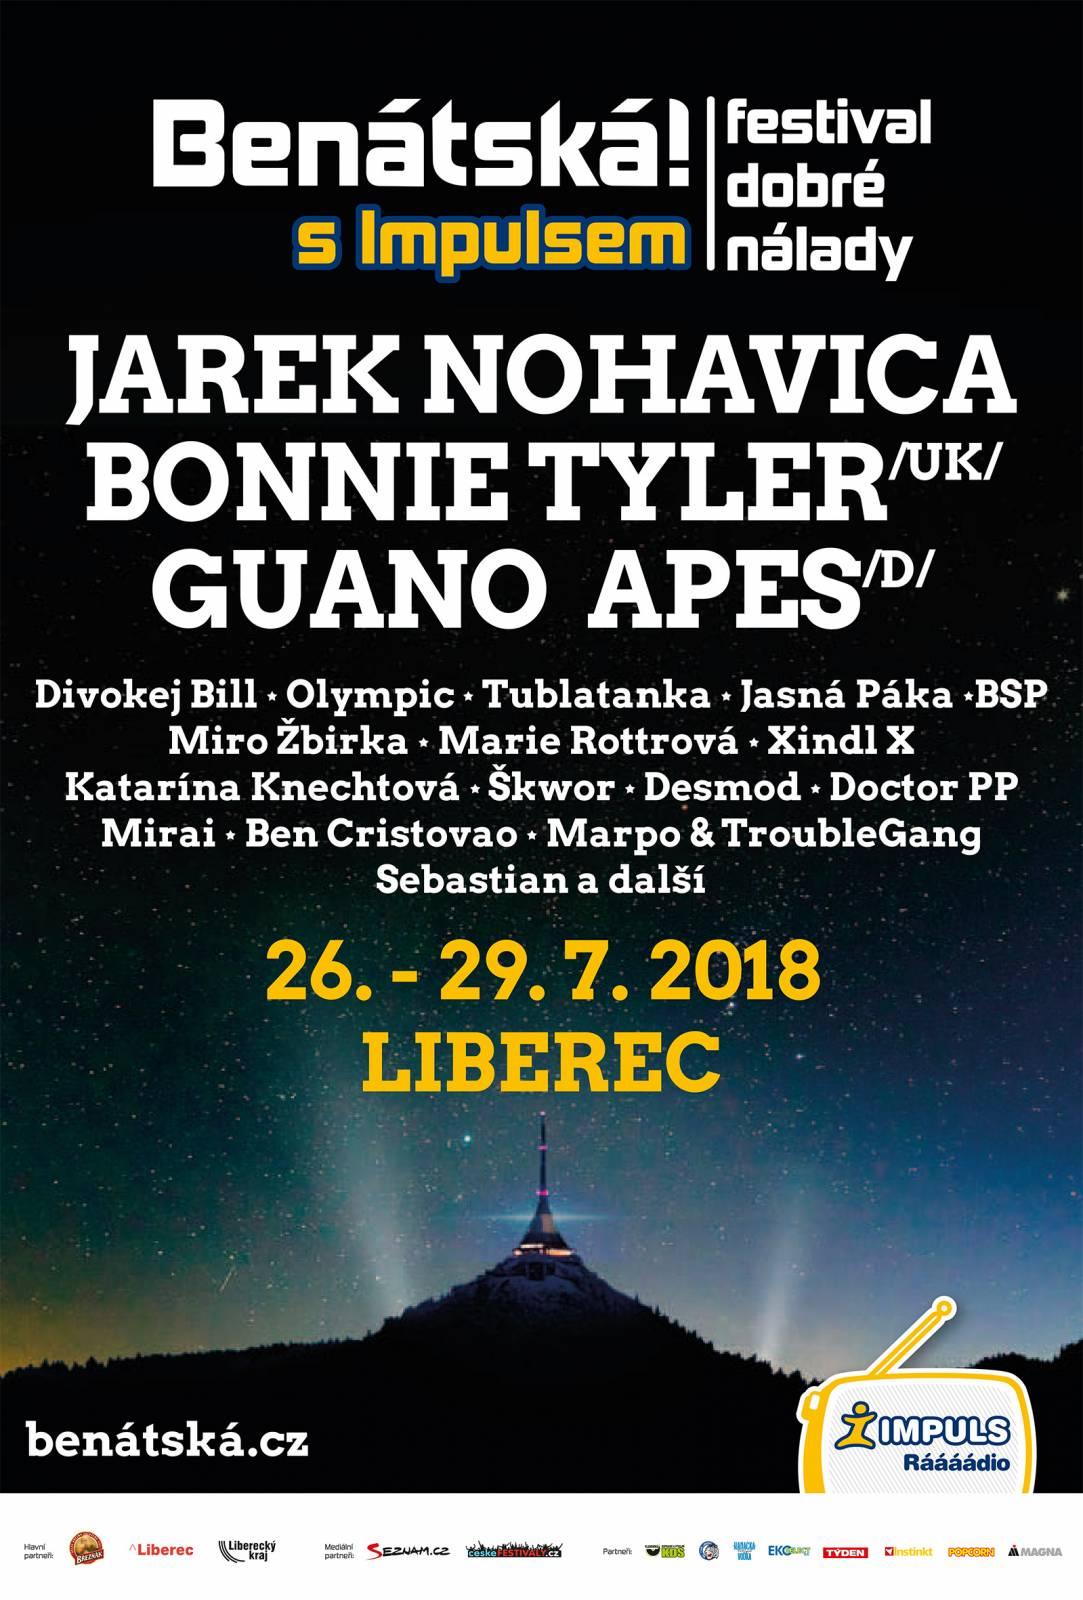 Benátská! s Impulsem nabídne jediný letošní open air Jaromíra Nohavici